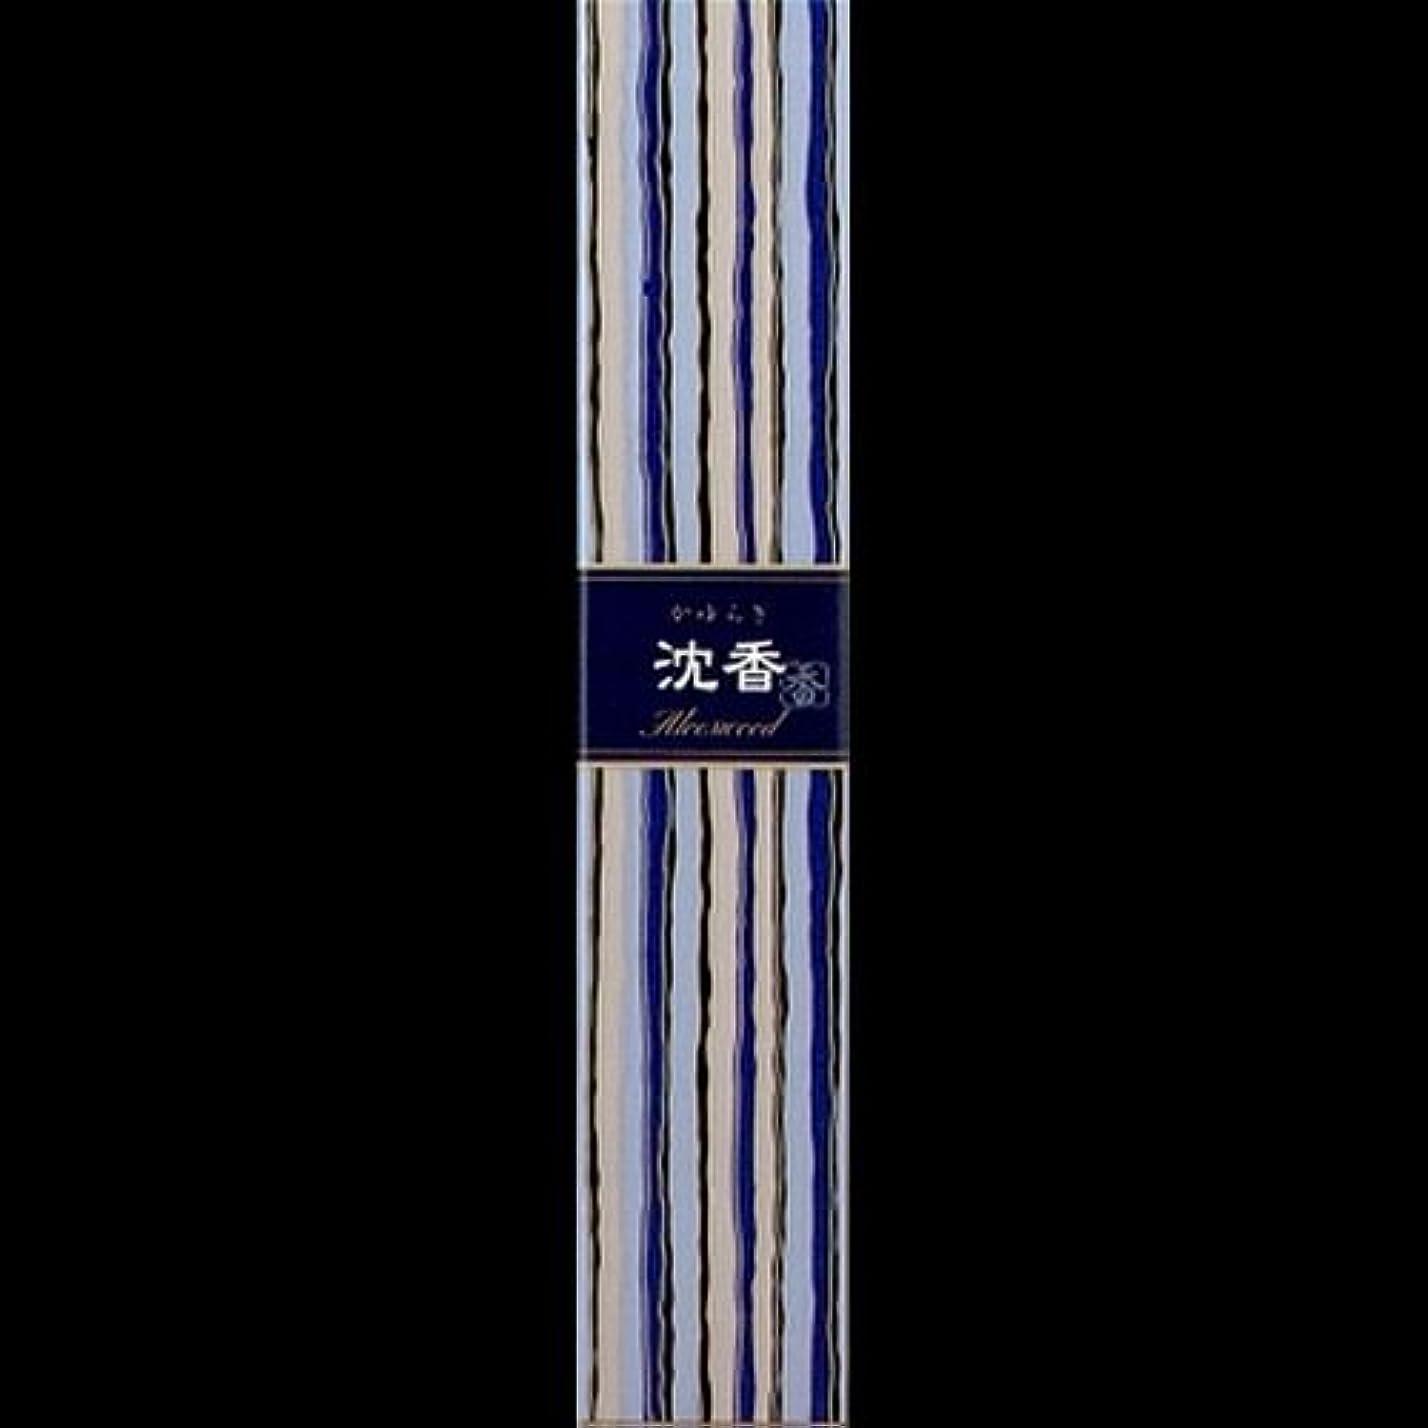 ブルーベル境界酔っ払い【まとめ買い】かゆらぎ 沈香(じんこう) ×2セット